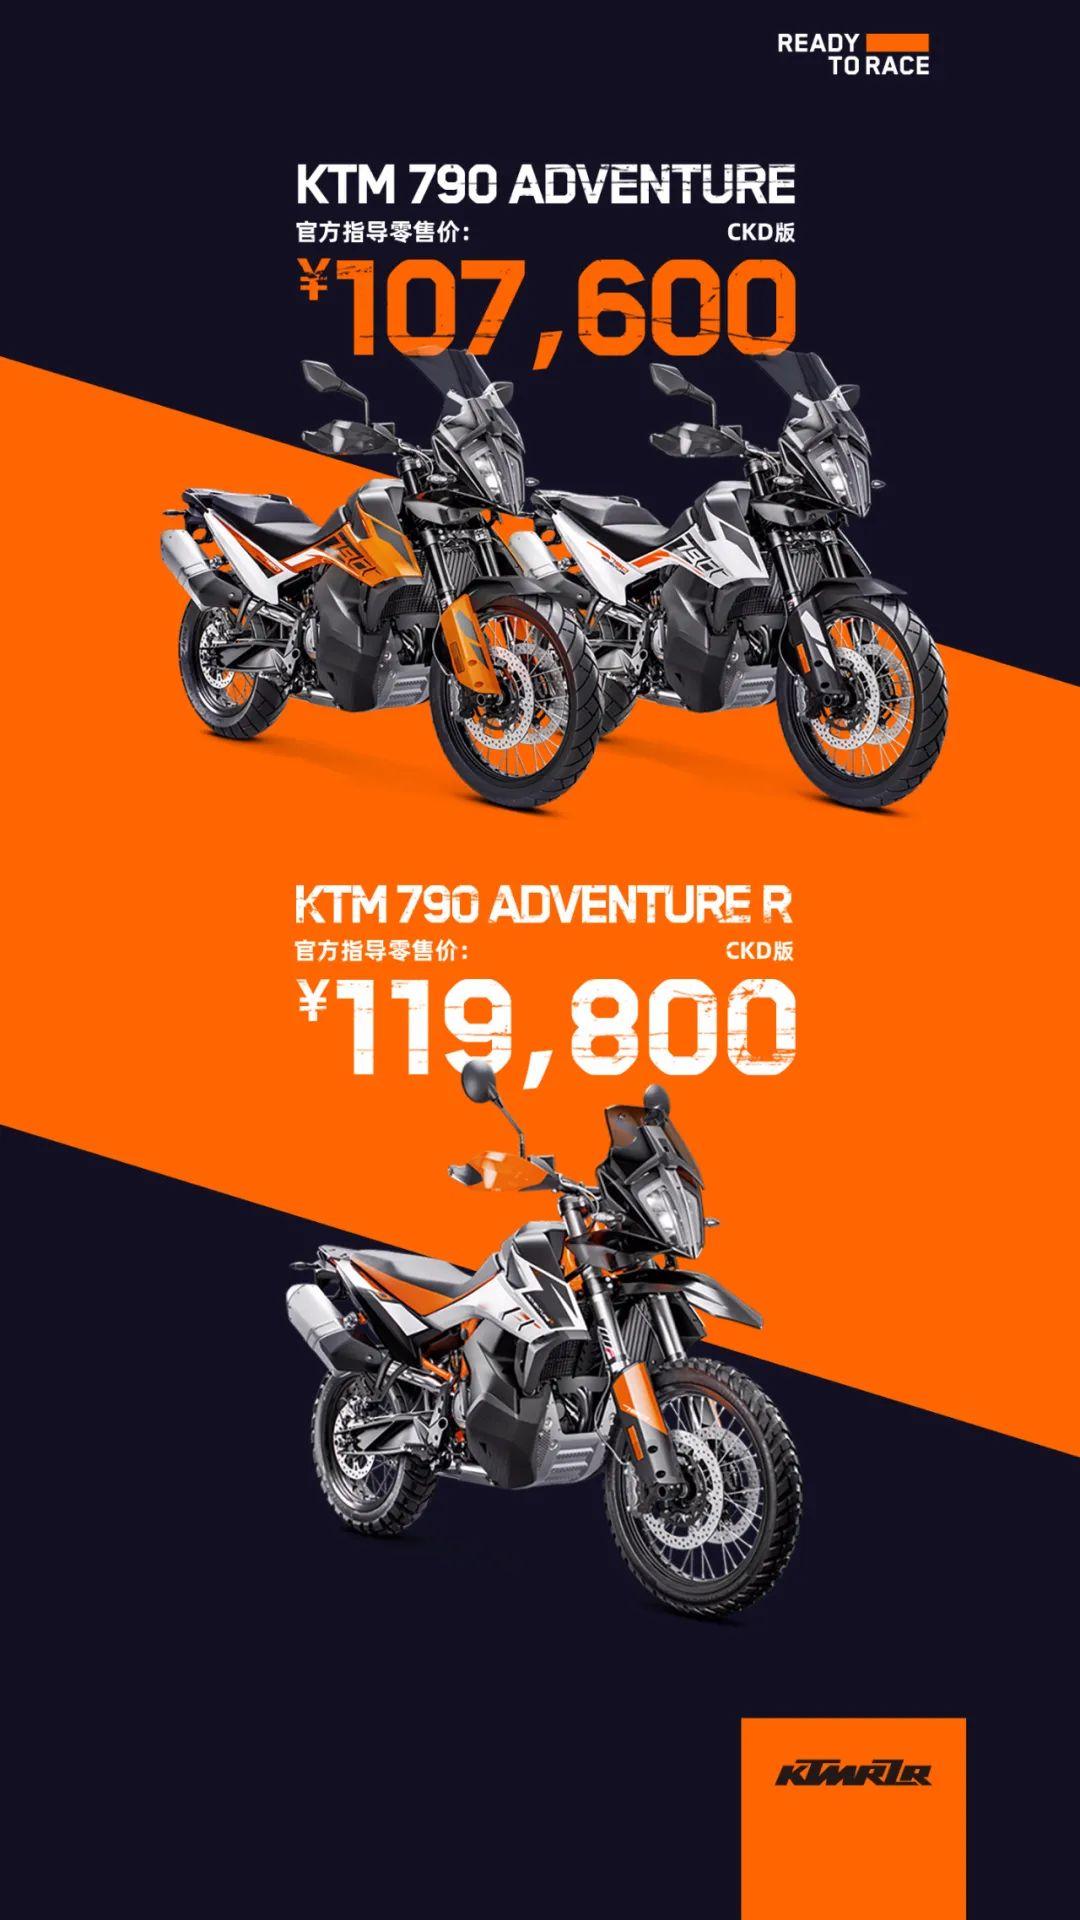 CKD威力巨大,价格调整3万左右,CKD版KTM 790 ADVENTURE & R正式发布!-第1张图片-春风行摩托车之家